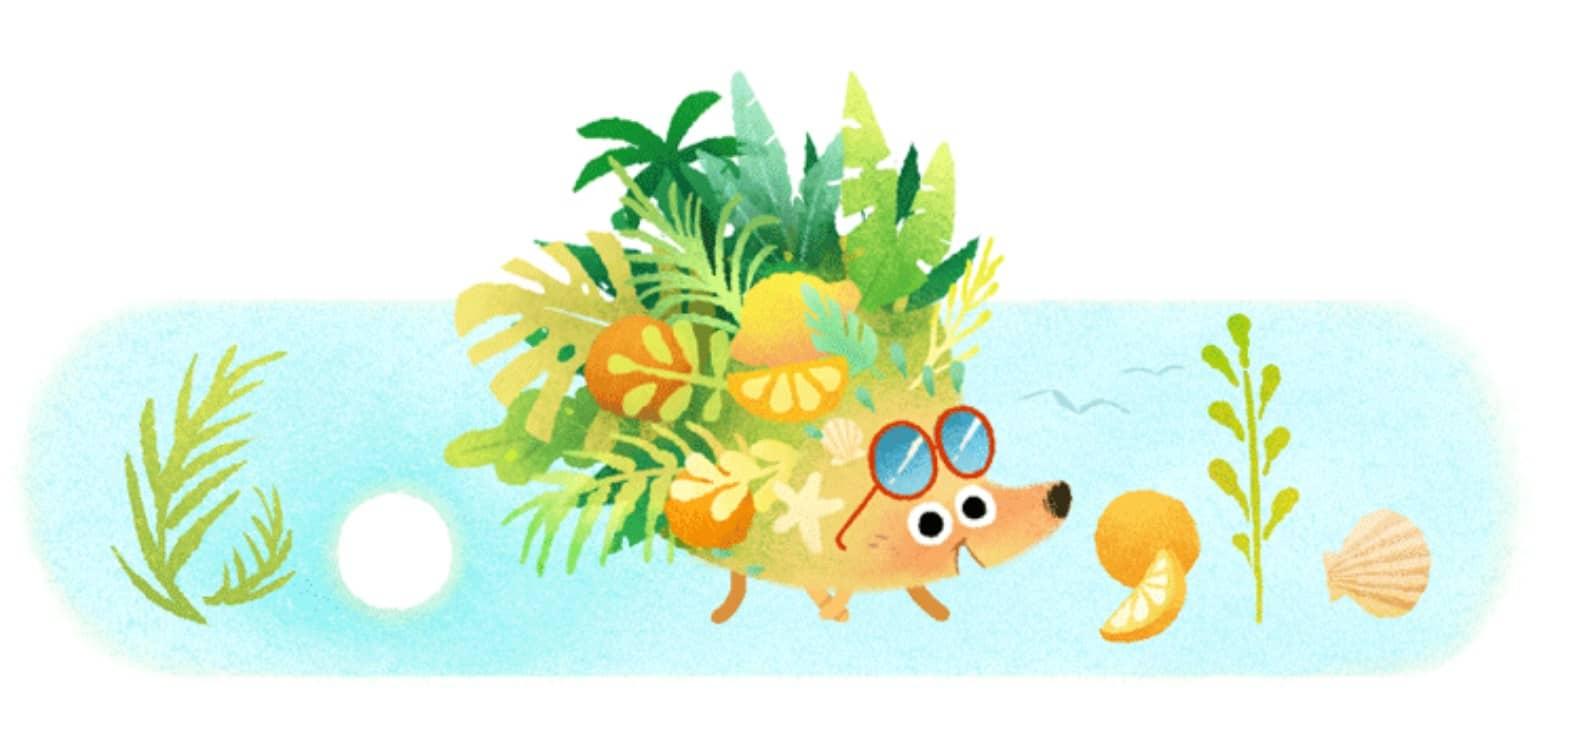 Bel été 2021 - Doodle Google Solstice d'été 2021